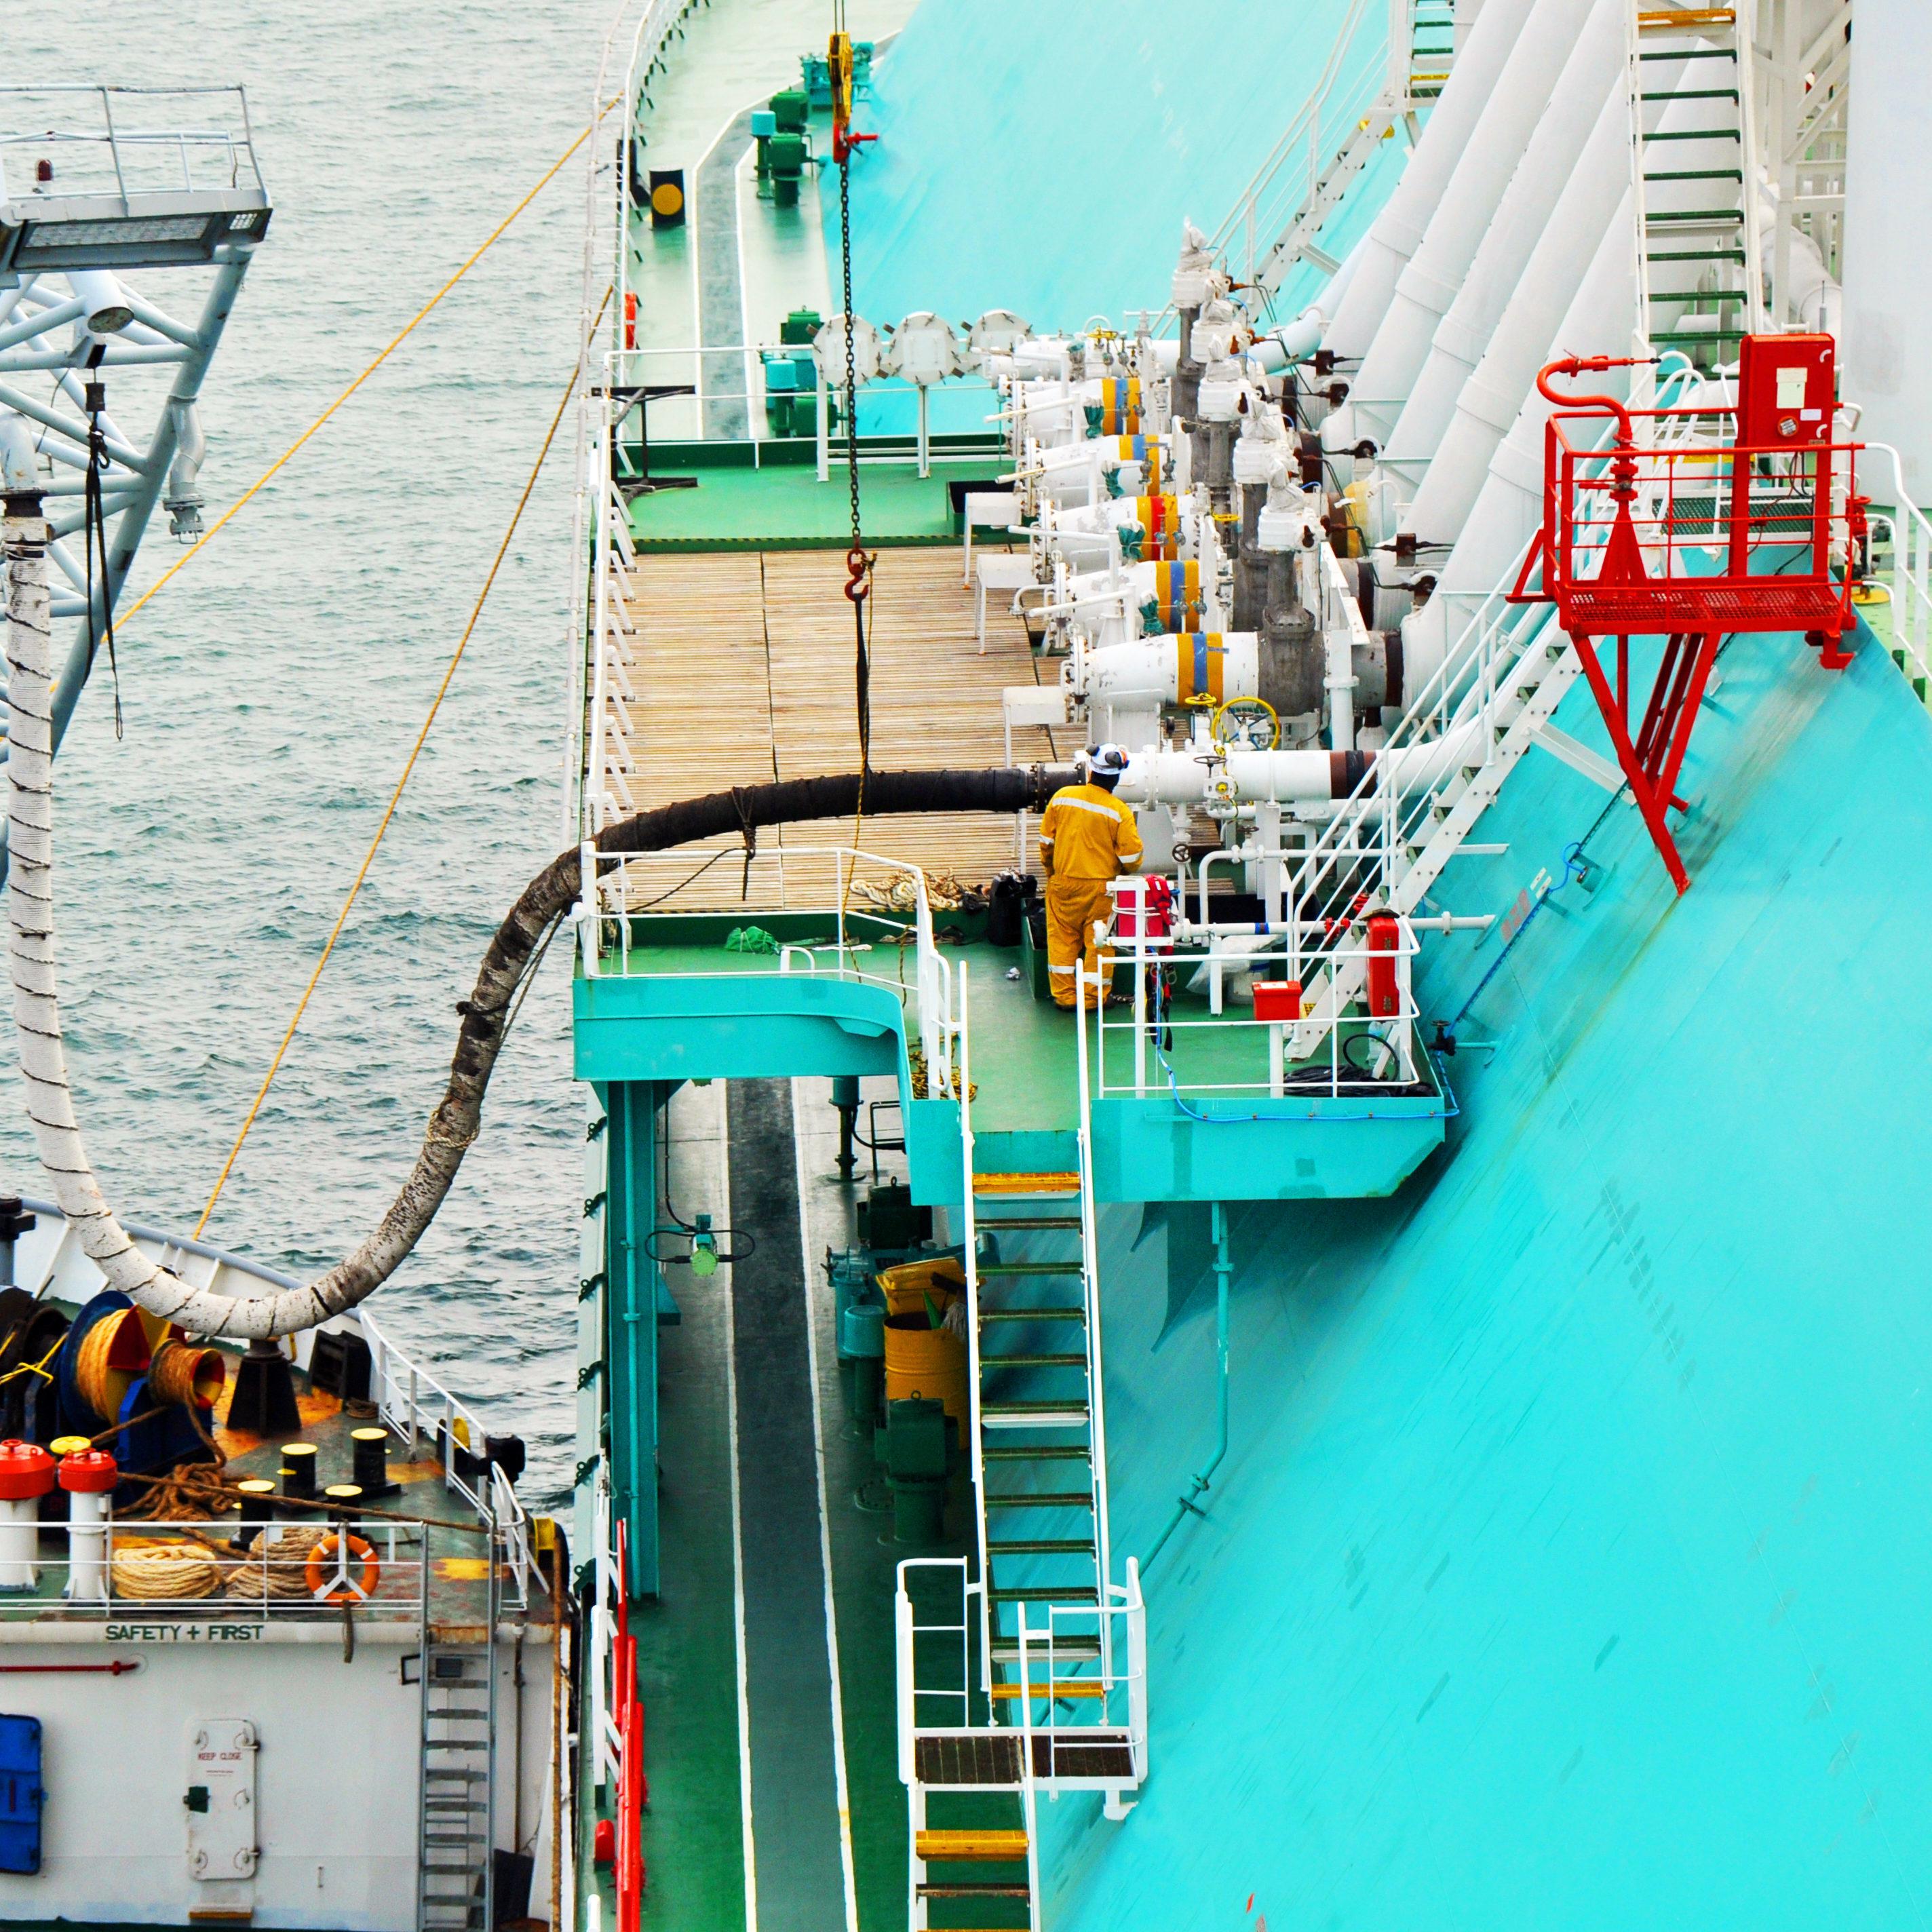 Loading crude oil